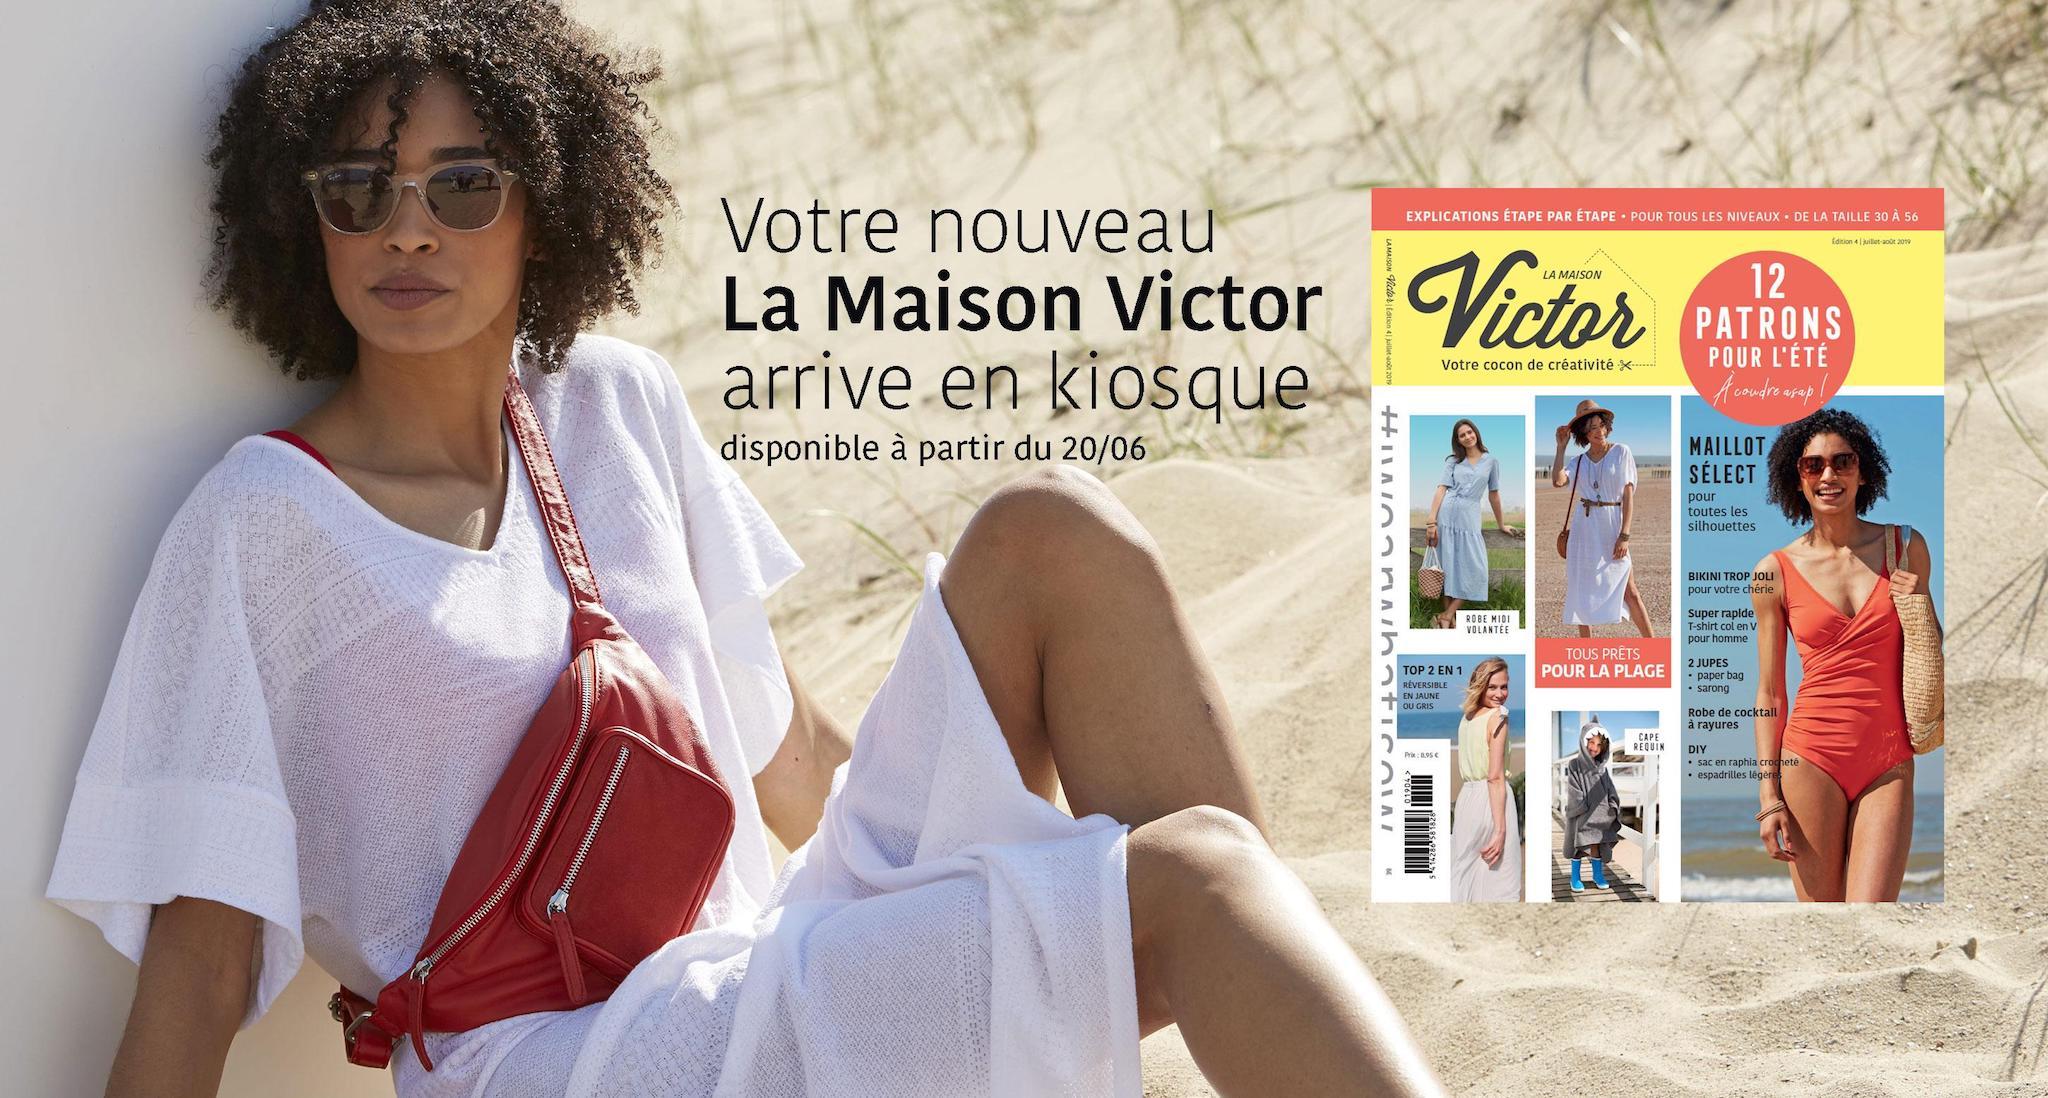 La Maison Victor @ Coup de coudre